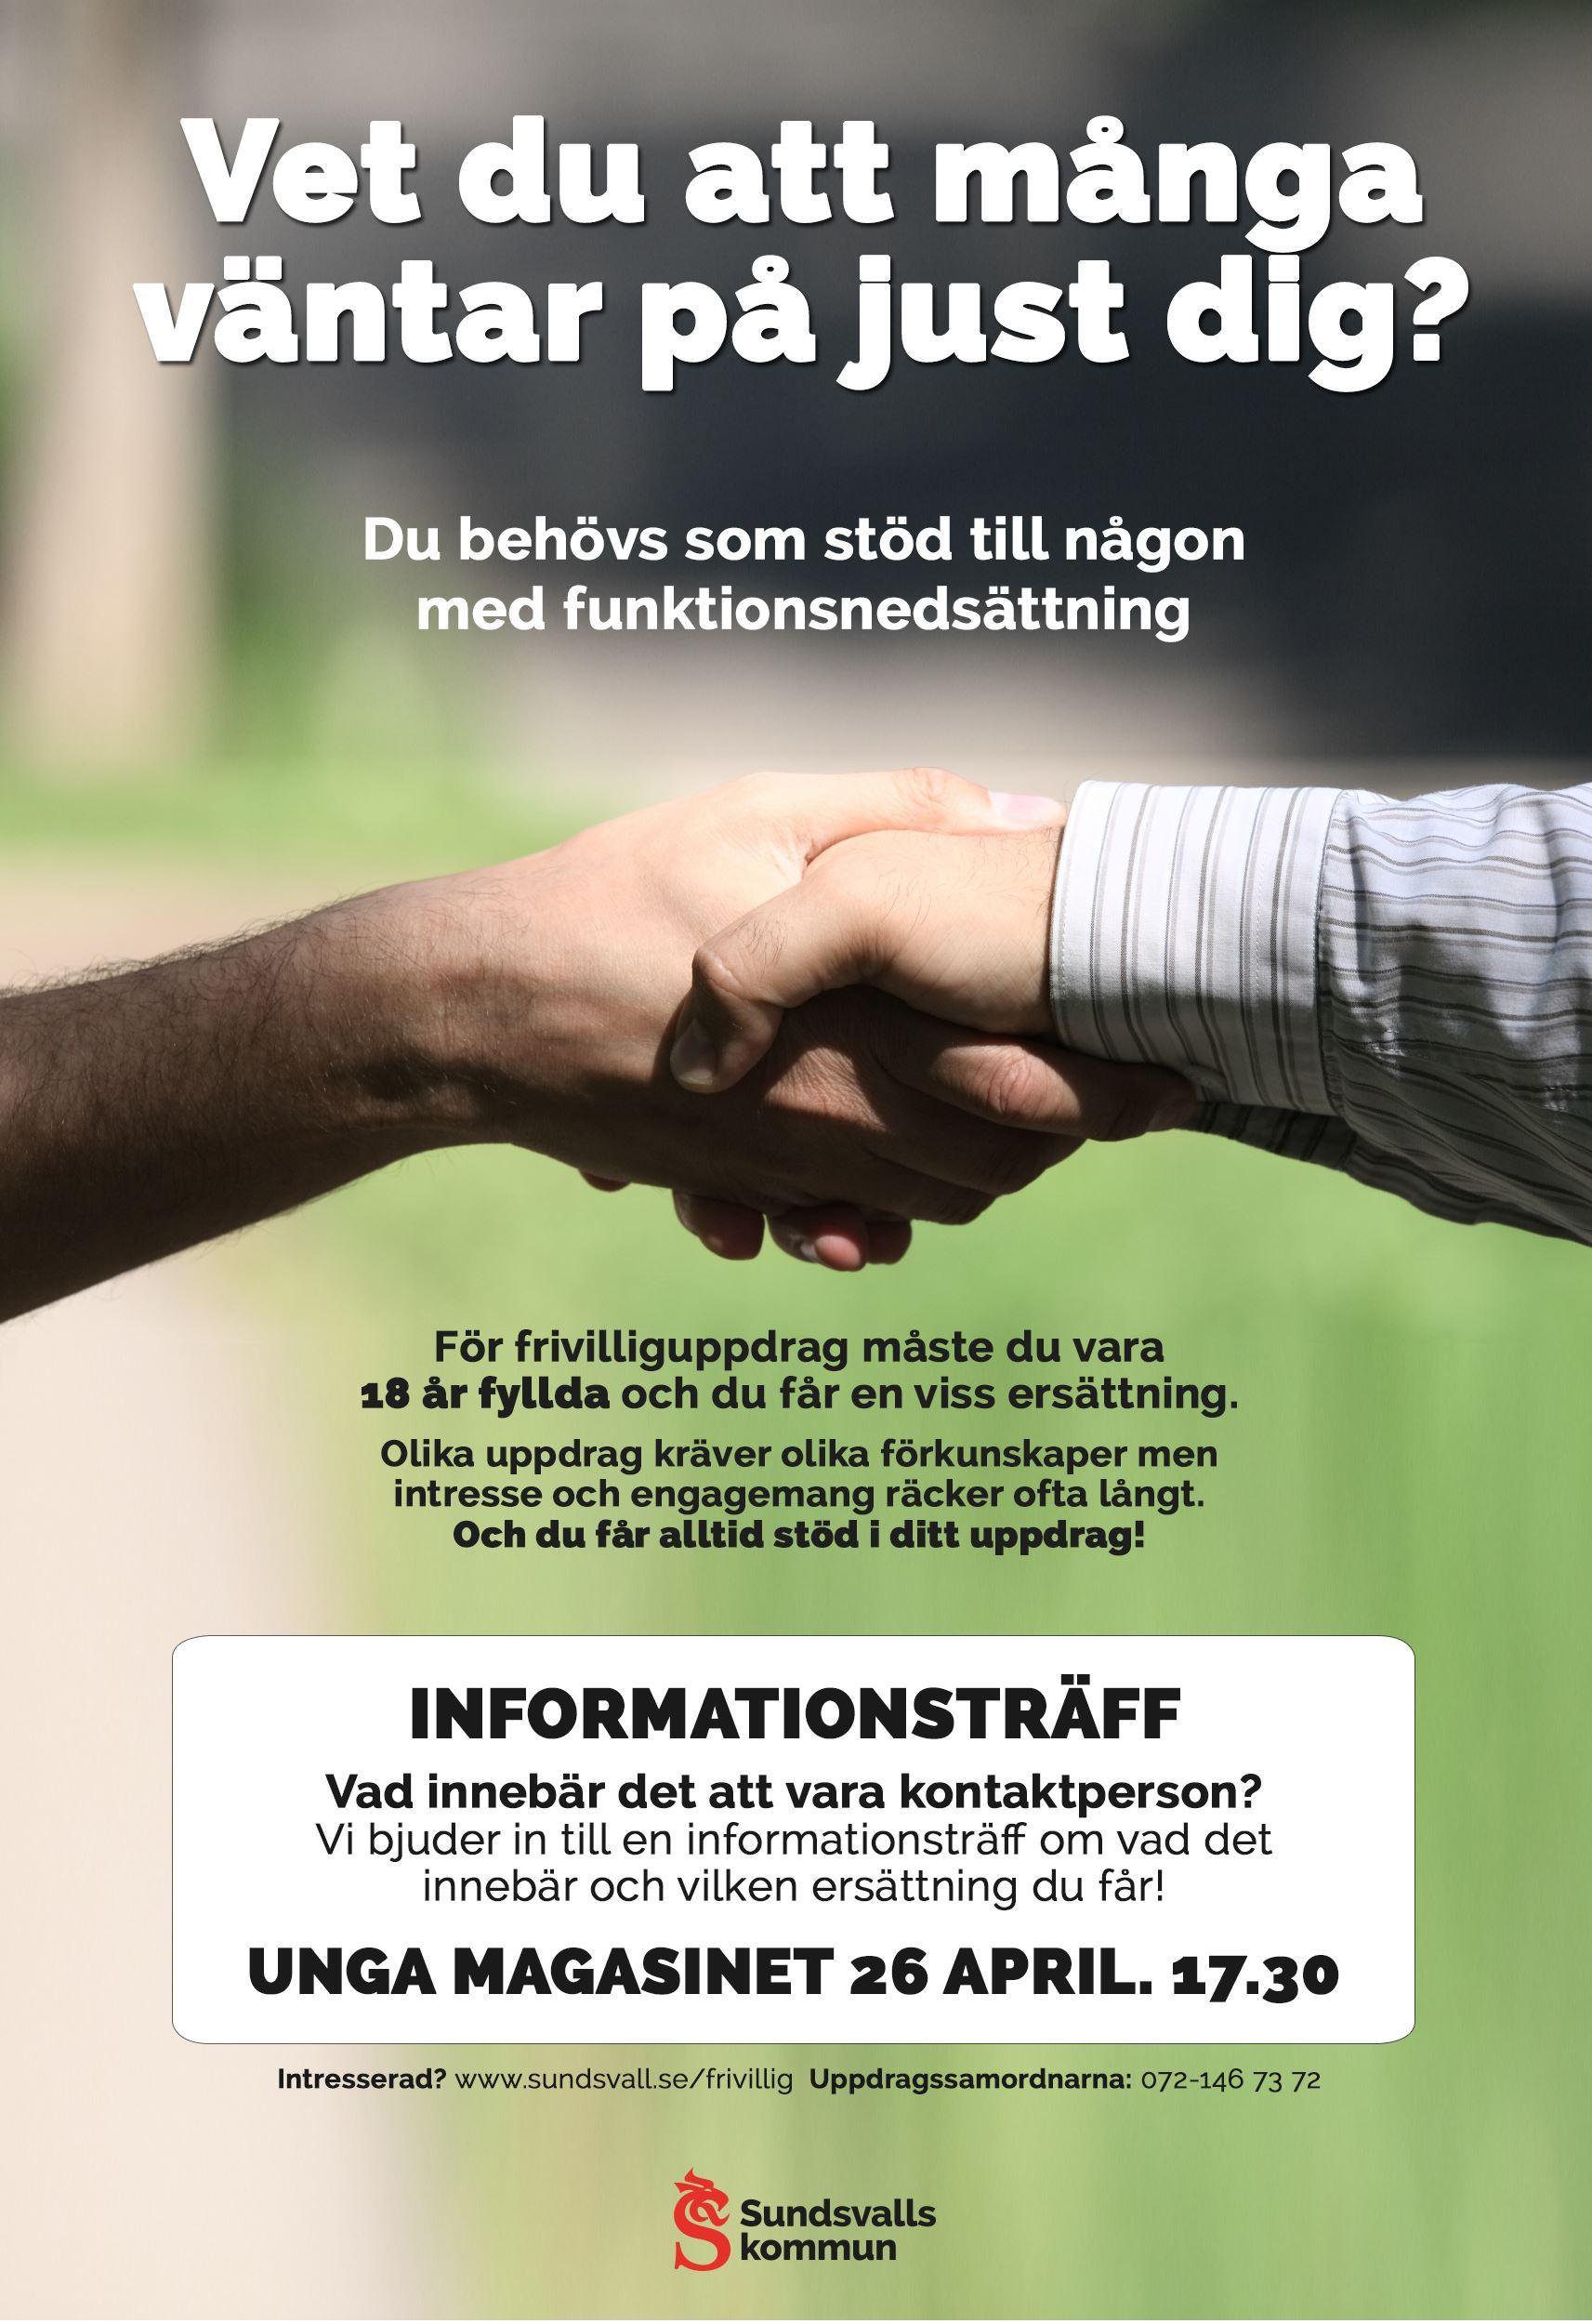 Informationsträff om att bli kontaktperson